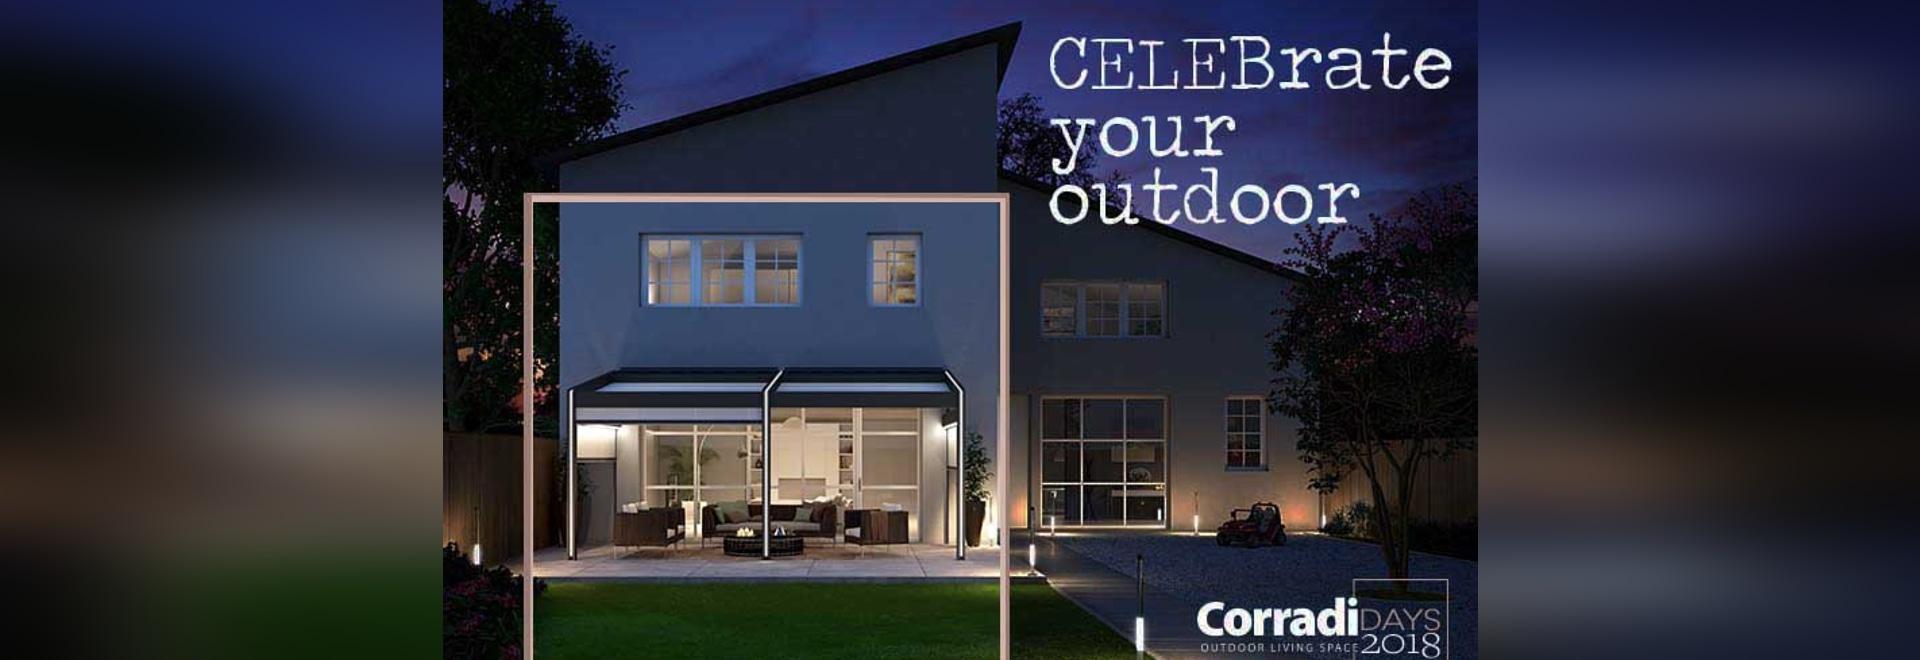 Jours de Corradi pour célébrer le quarantième anniversaire de Corradi, commençant le 26 mai